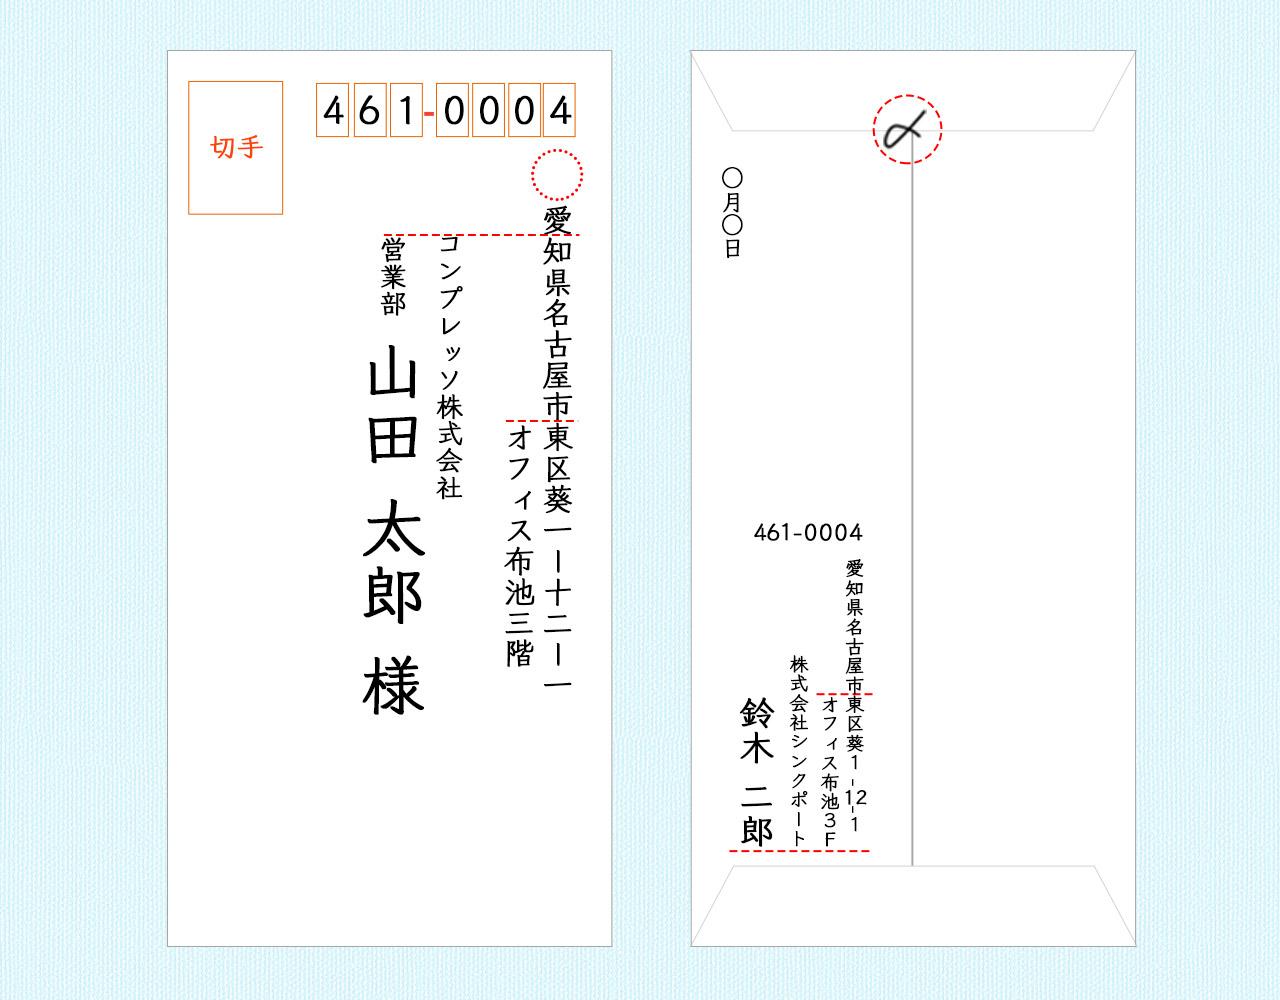 縦書きの宛名と裏面の書き方イメージ@complesso.jp